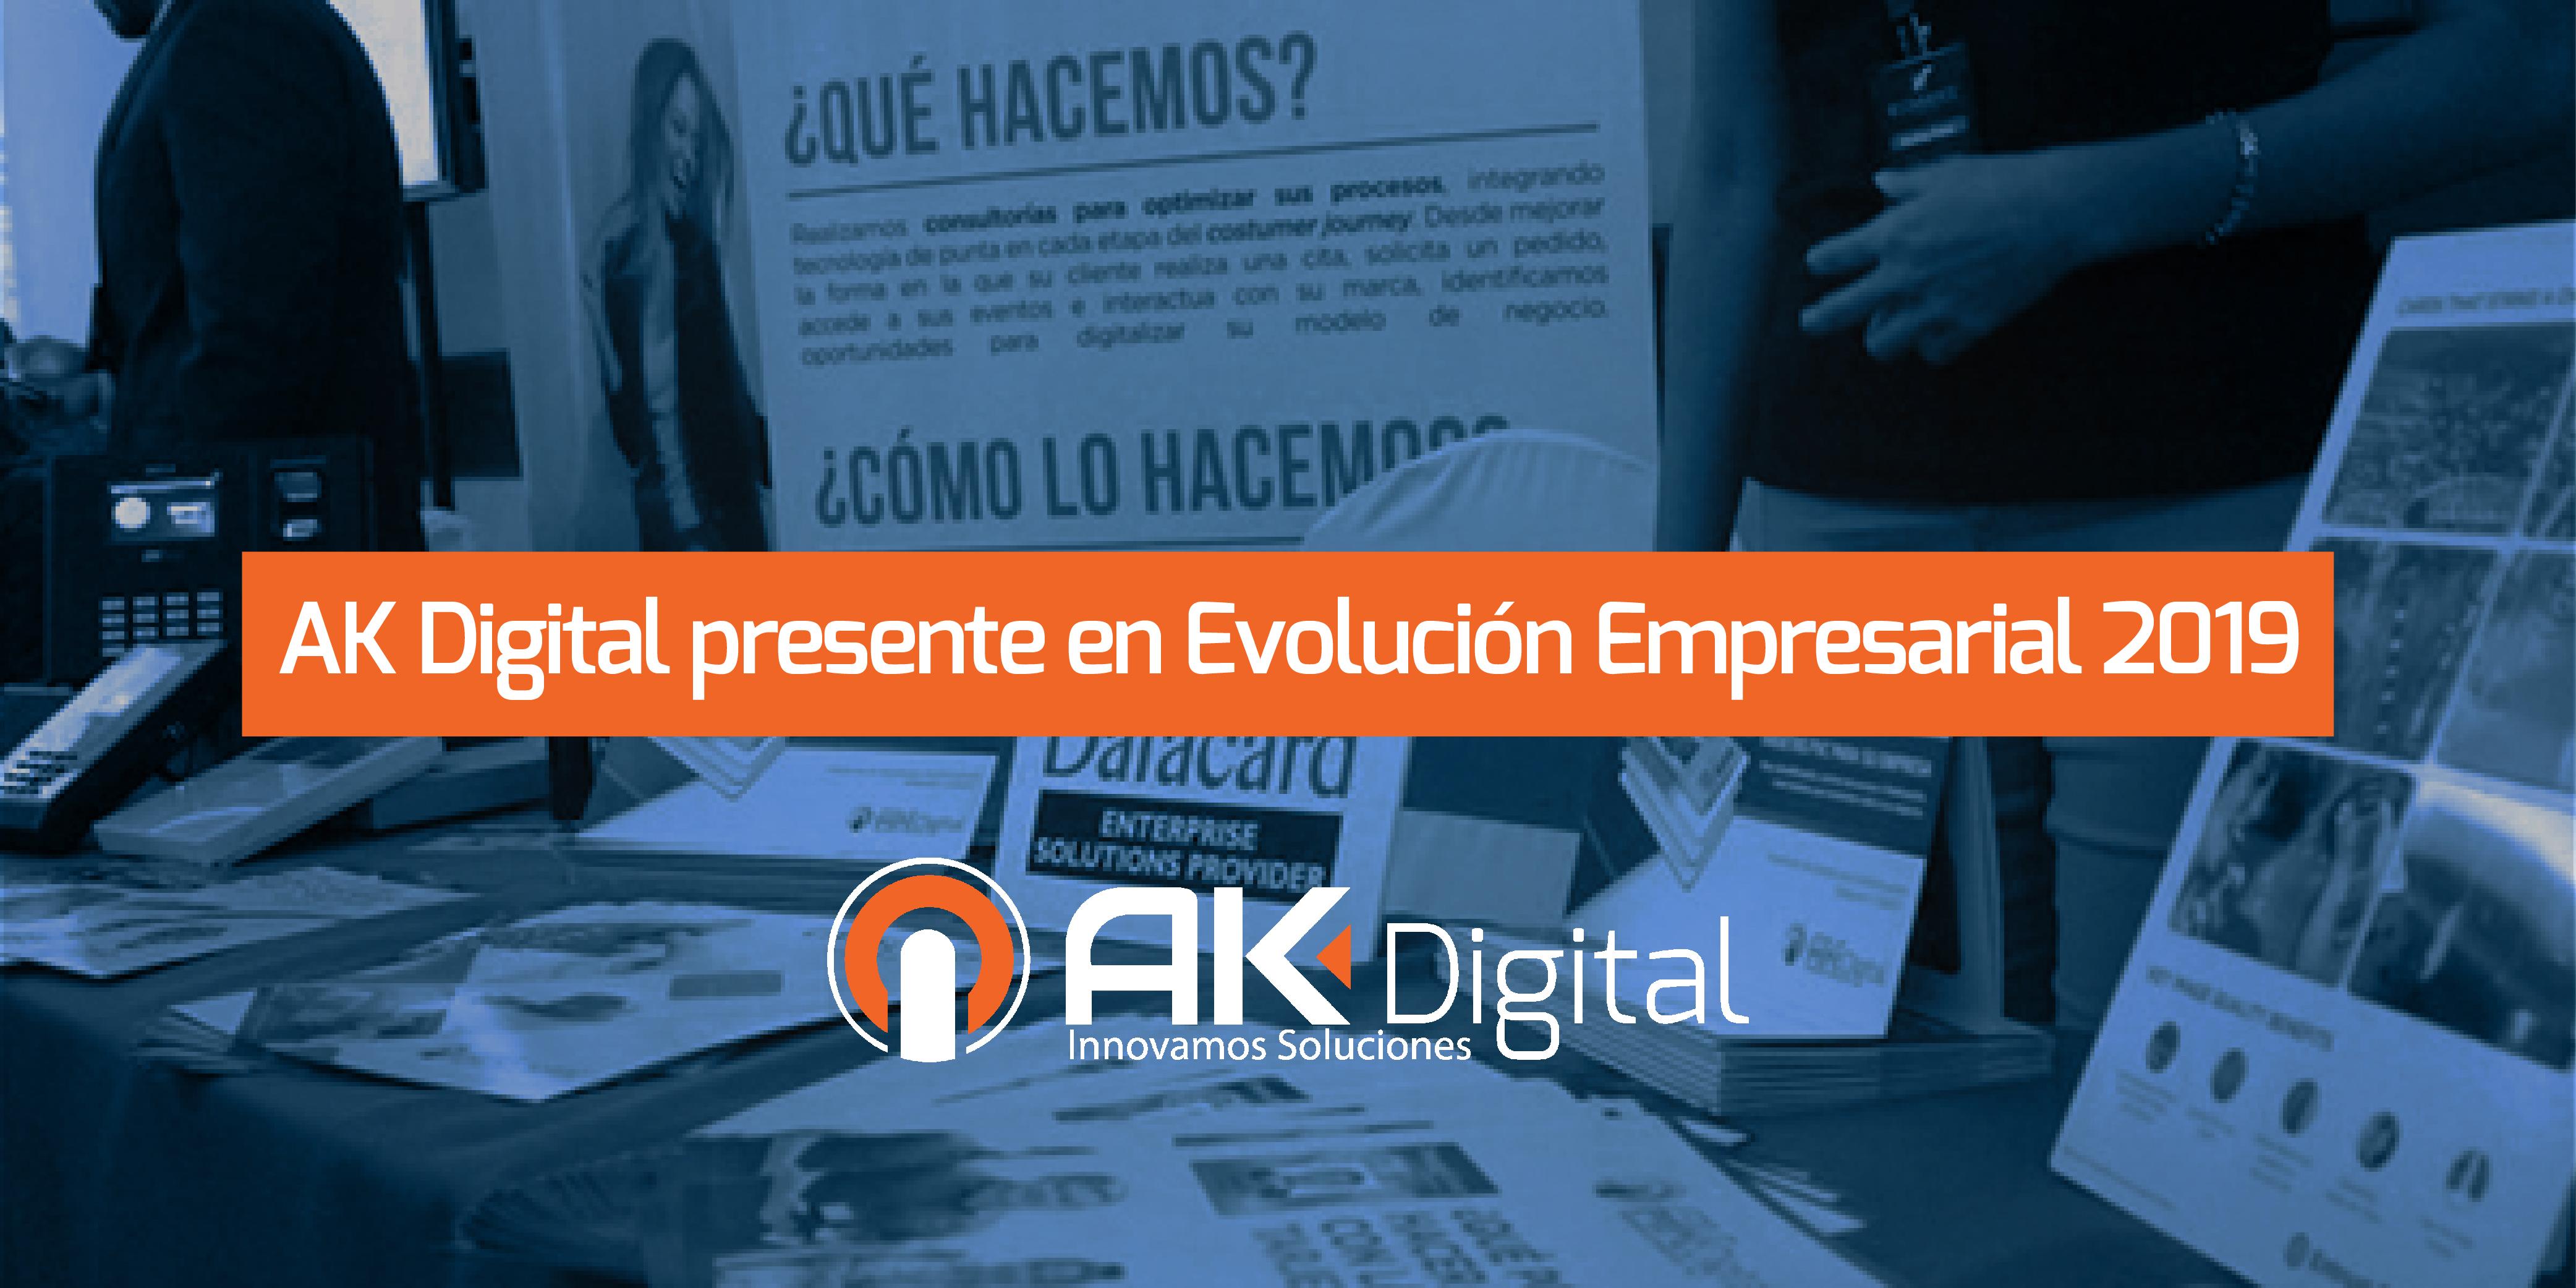 AK Digital presente en Evolución Empresarial 2019